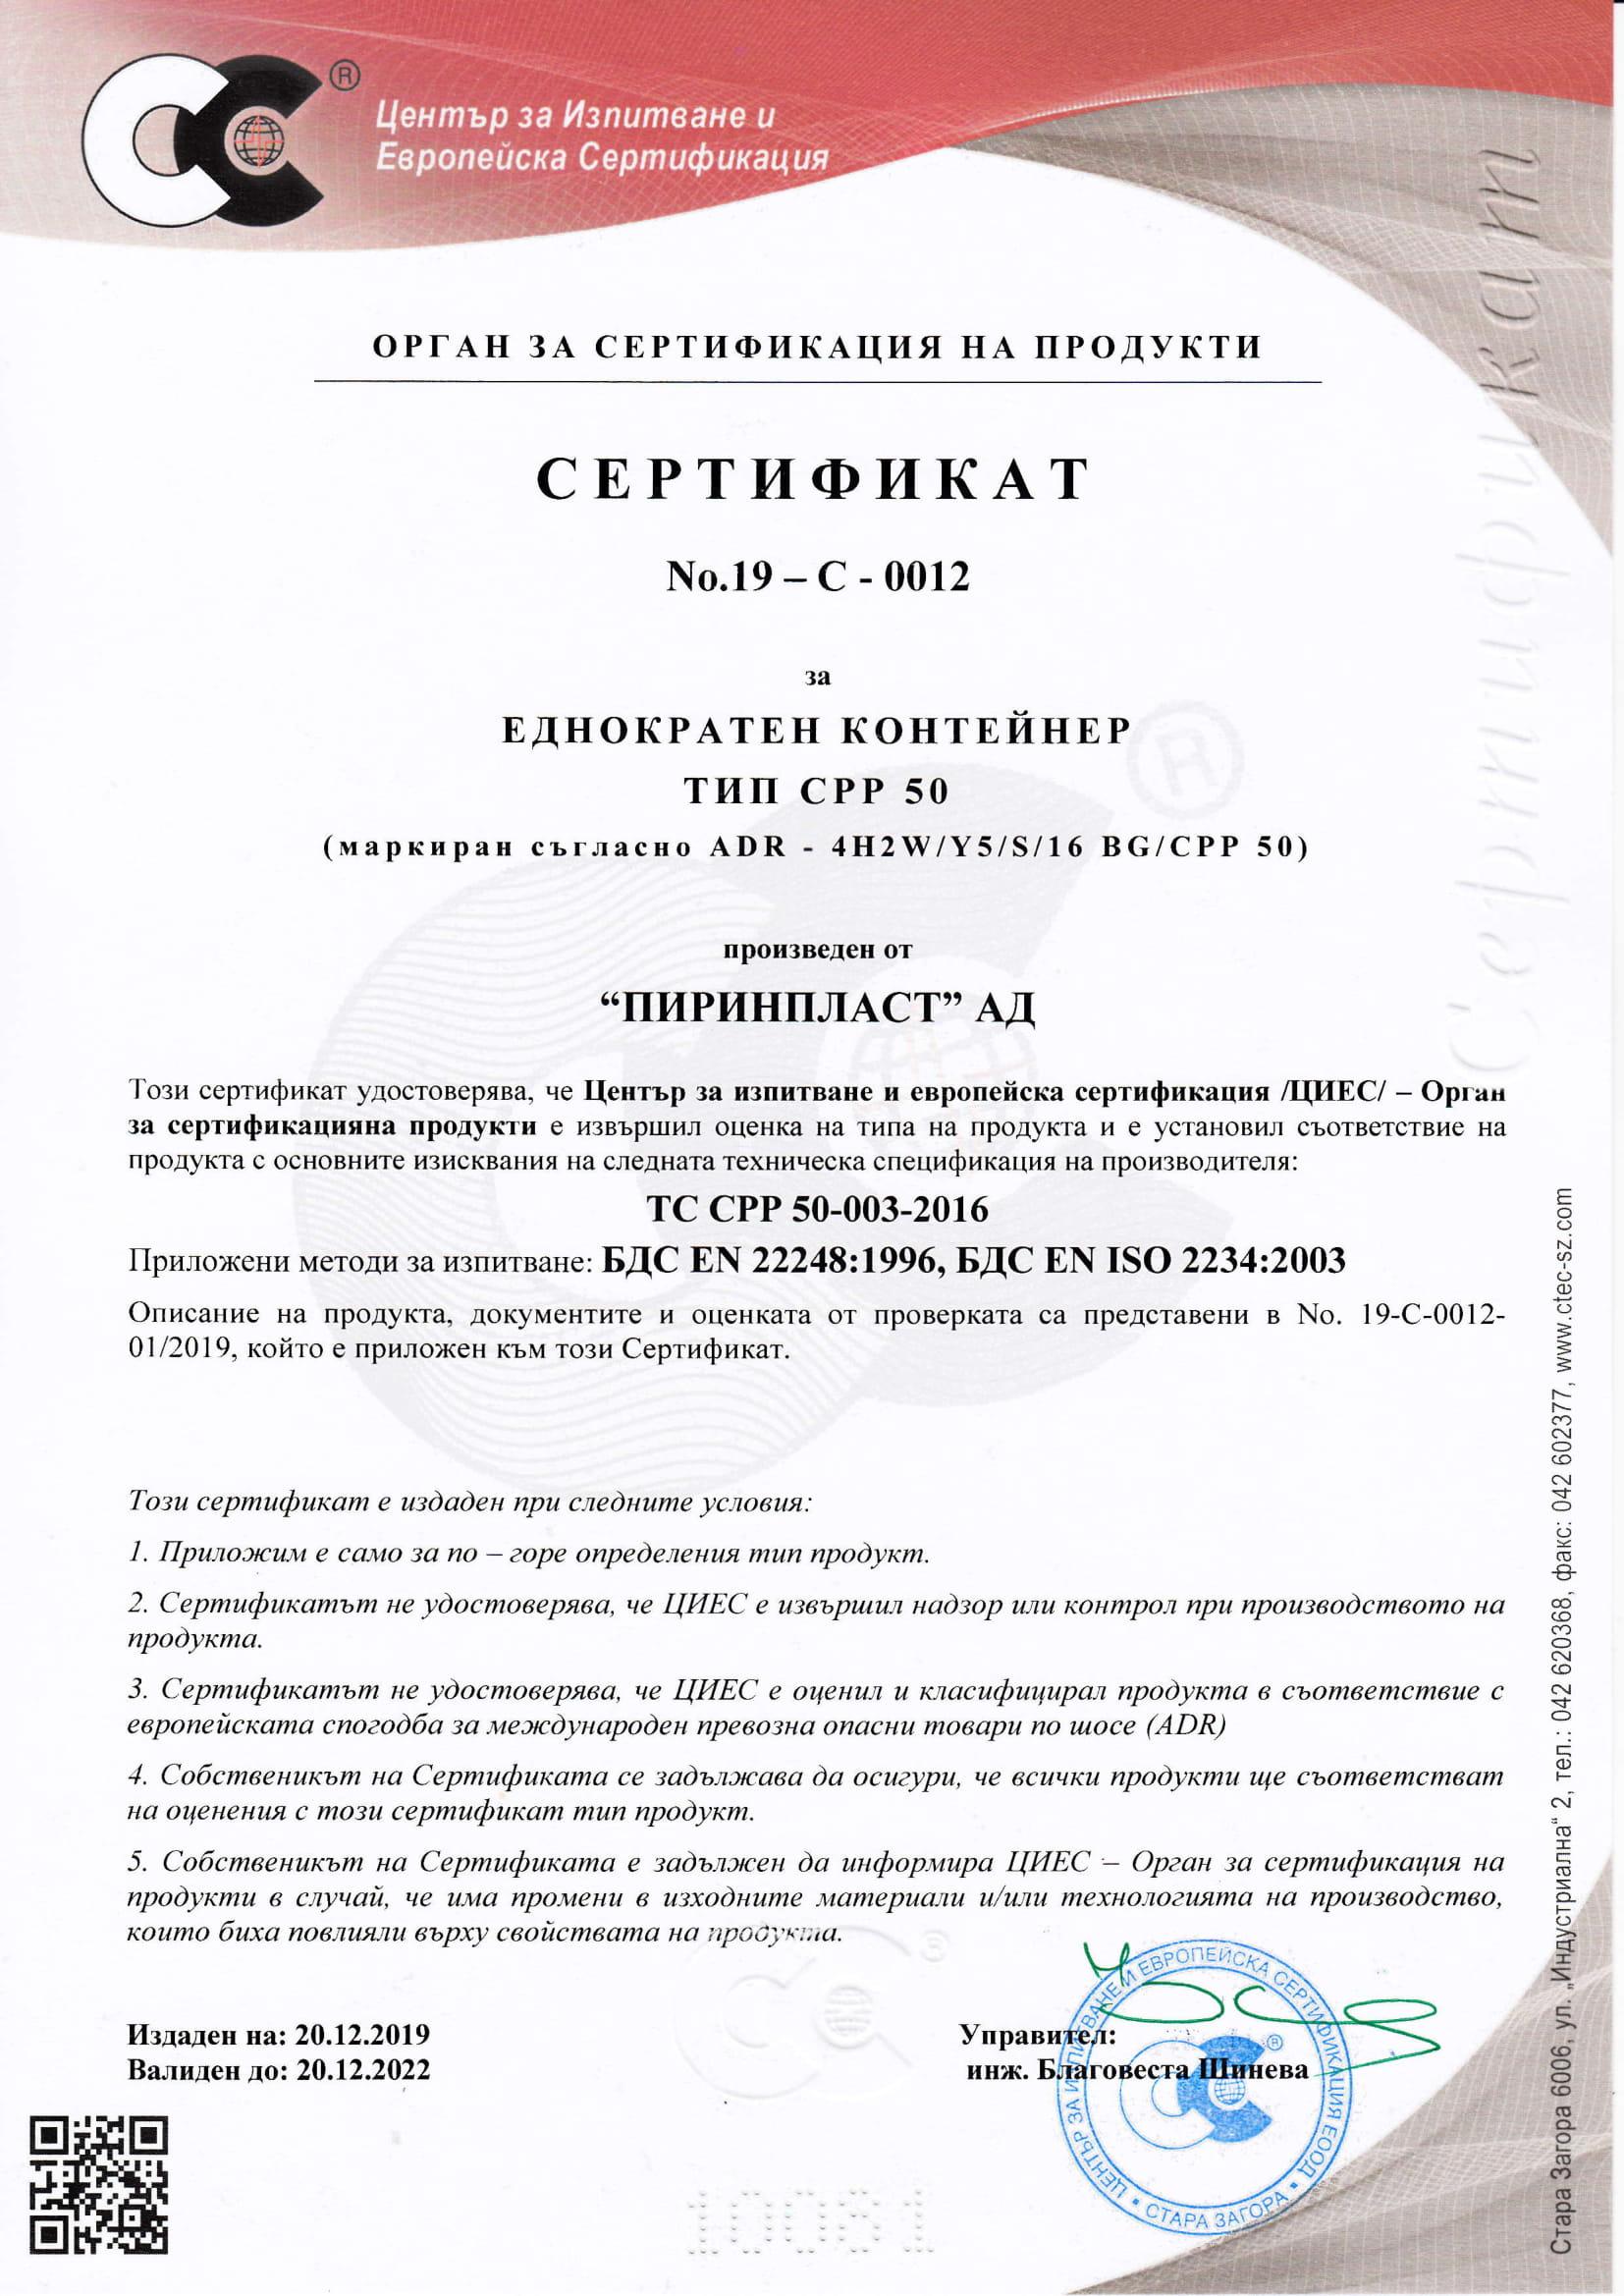 Сертификат СРР 50-1